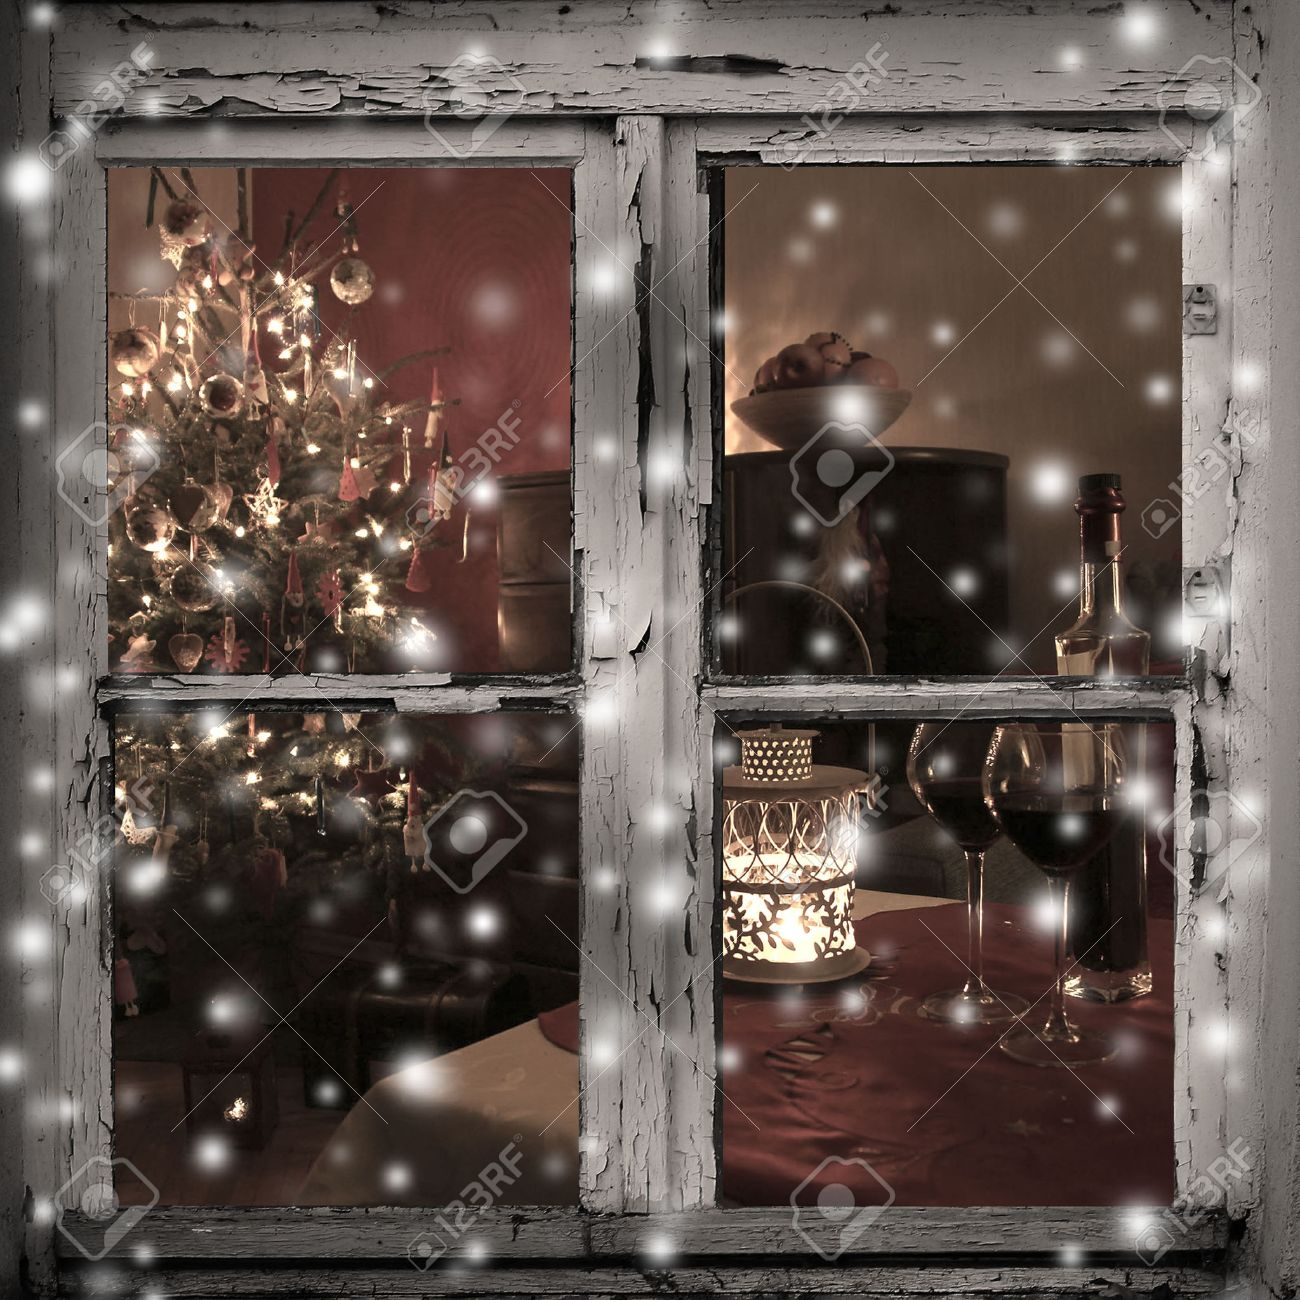 Full Size of Led Weihnachtsbeleuchtung Fenster Silhouette Innen Mit Kabel Kabellos Batterie Fensterbank Durch Eine Holzhtte Gesehen Insektenschutz Ohne Bohren Ebay Fenster Weihnachtsbeleuchtung Fenster